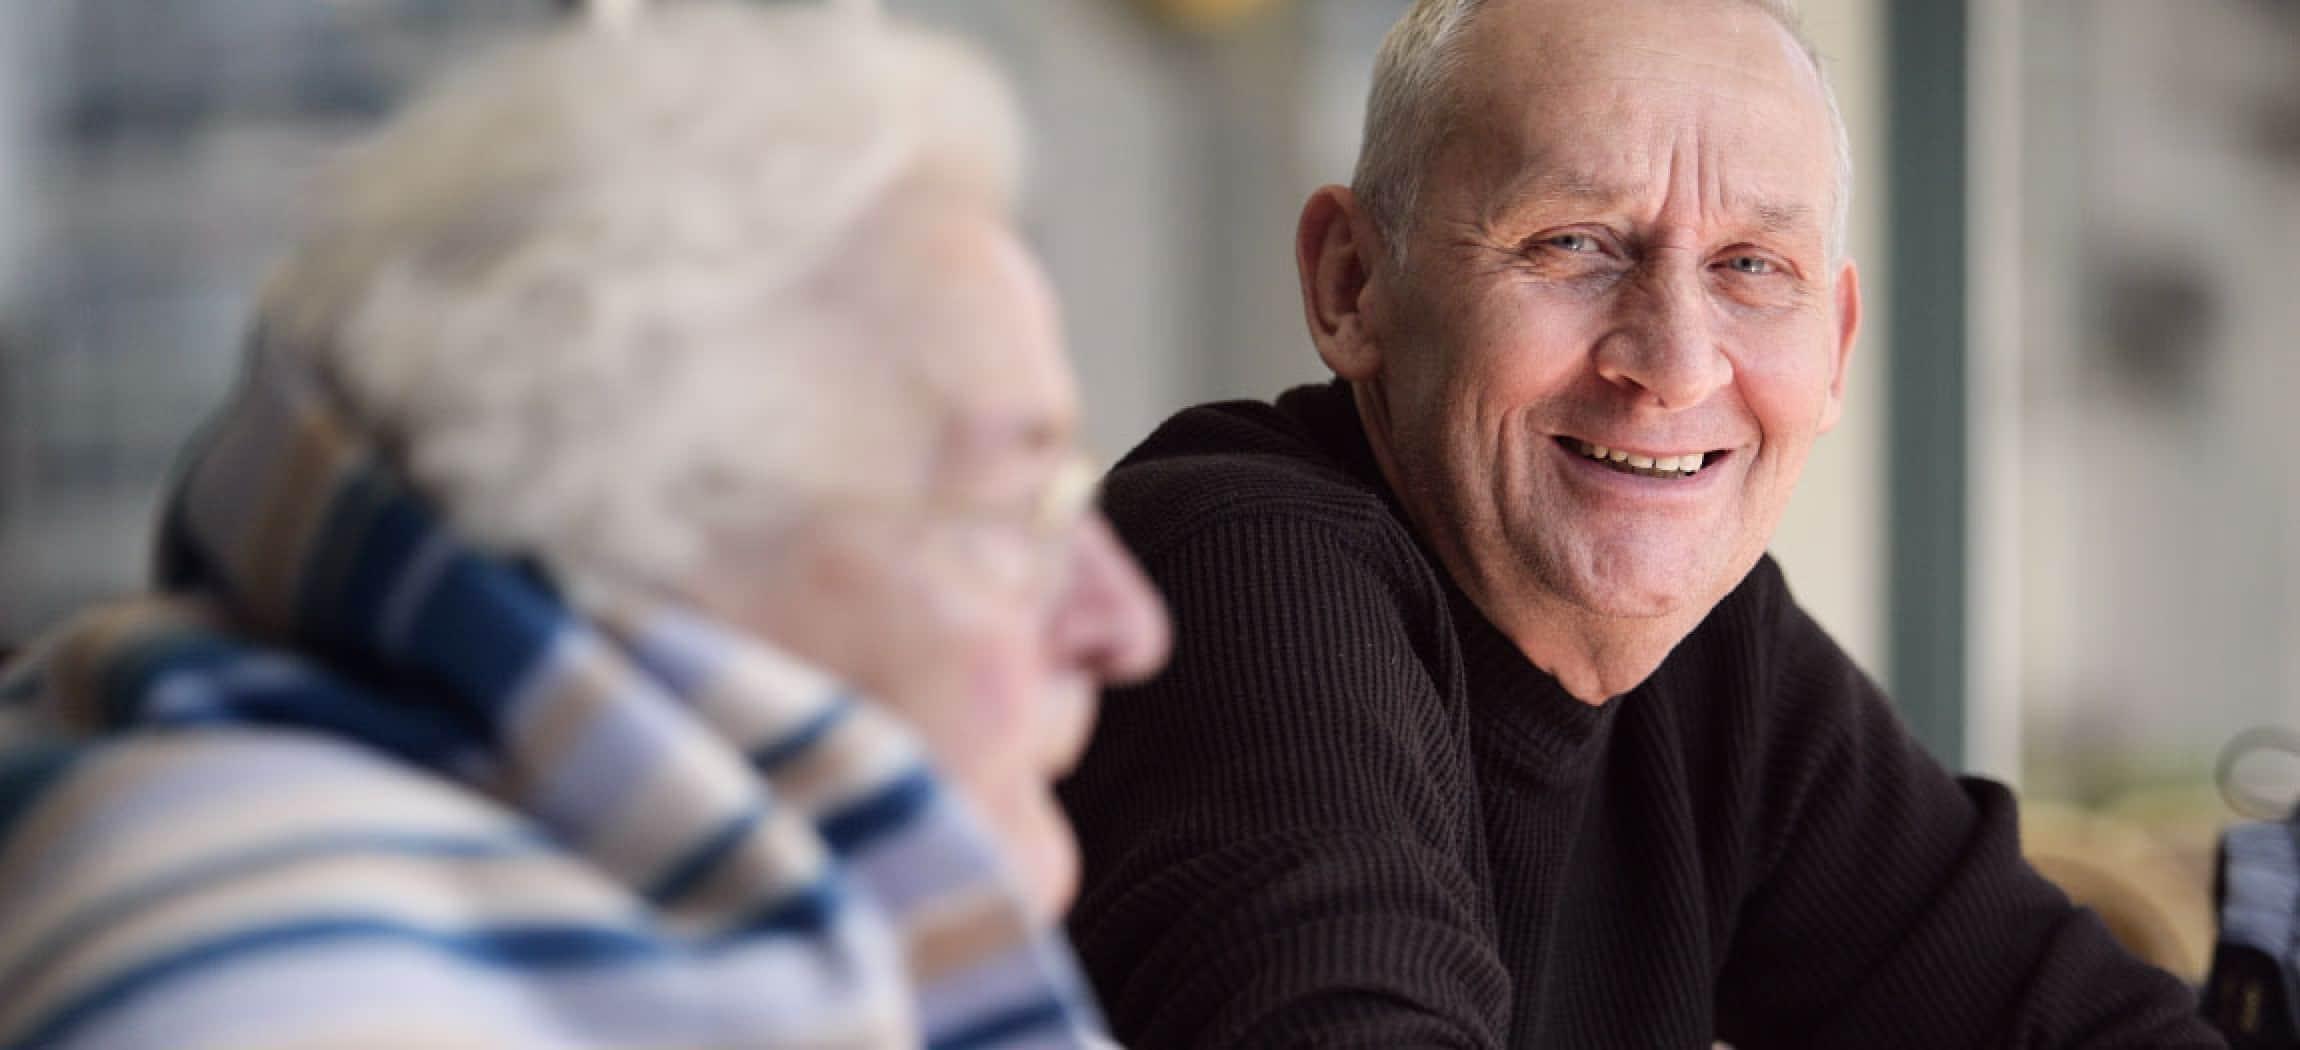 Aardige oude man zit en kijkt naar bejaarde vrouw close